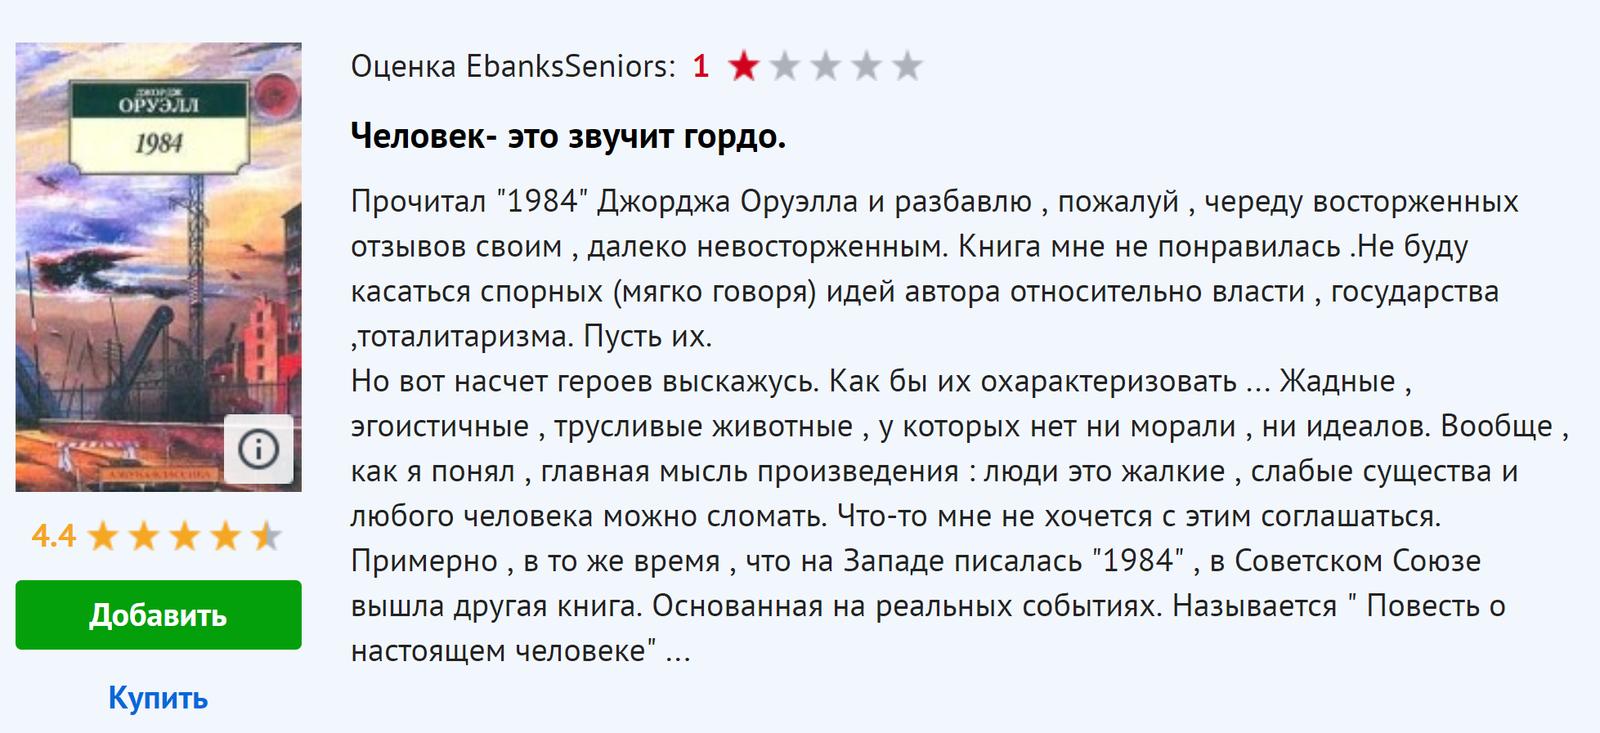 Все банки равны, но некоторые равнее, или Почему в России может остаться 30 банков картинки